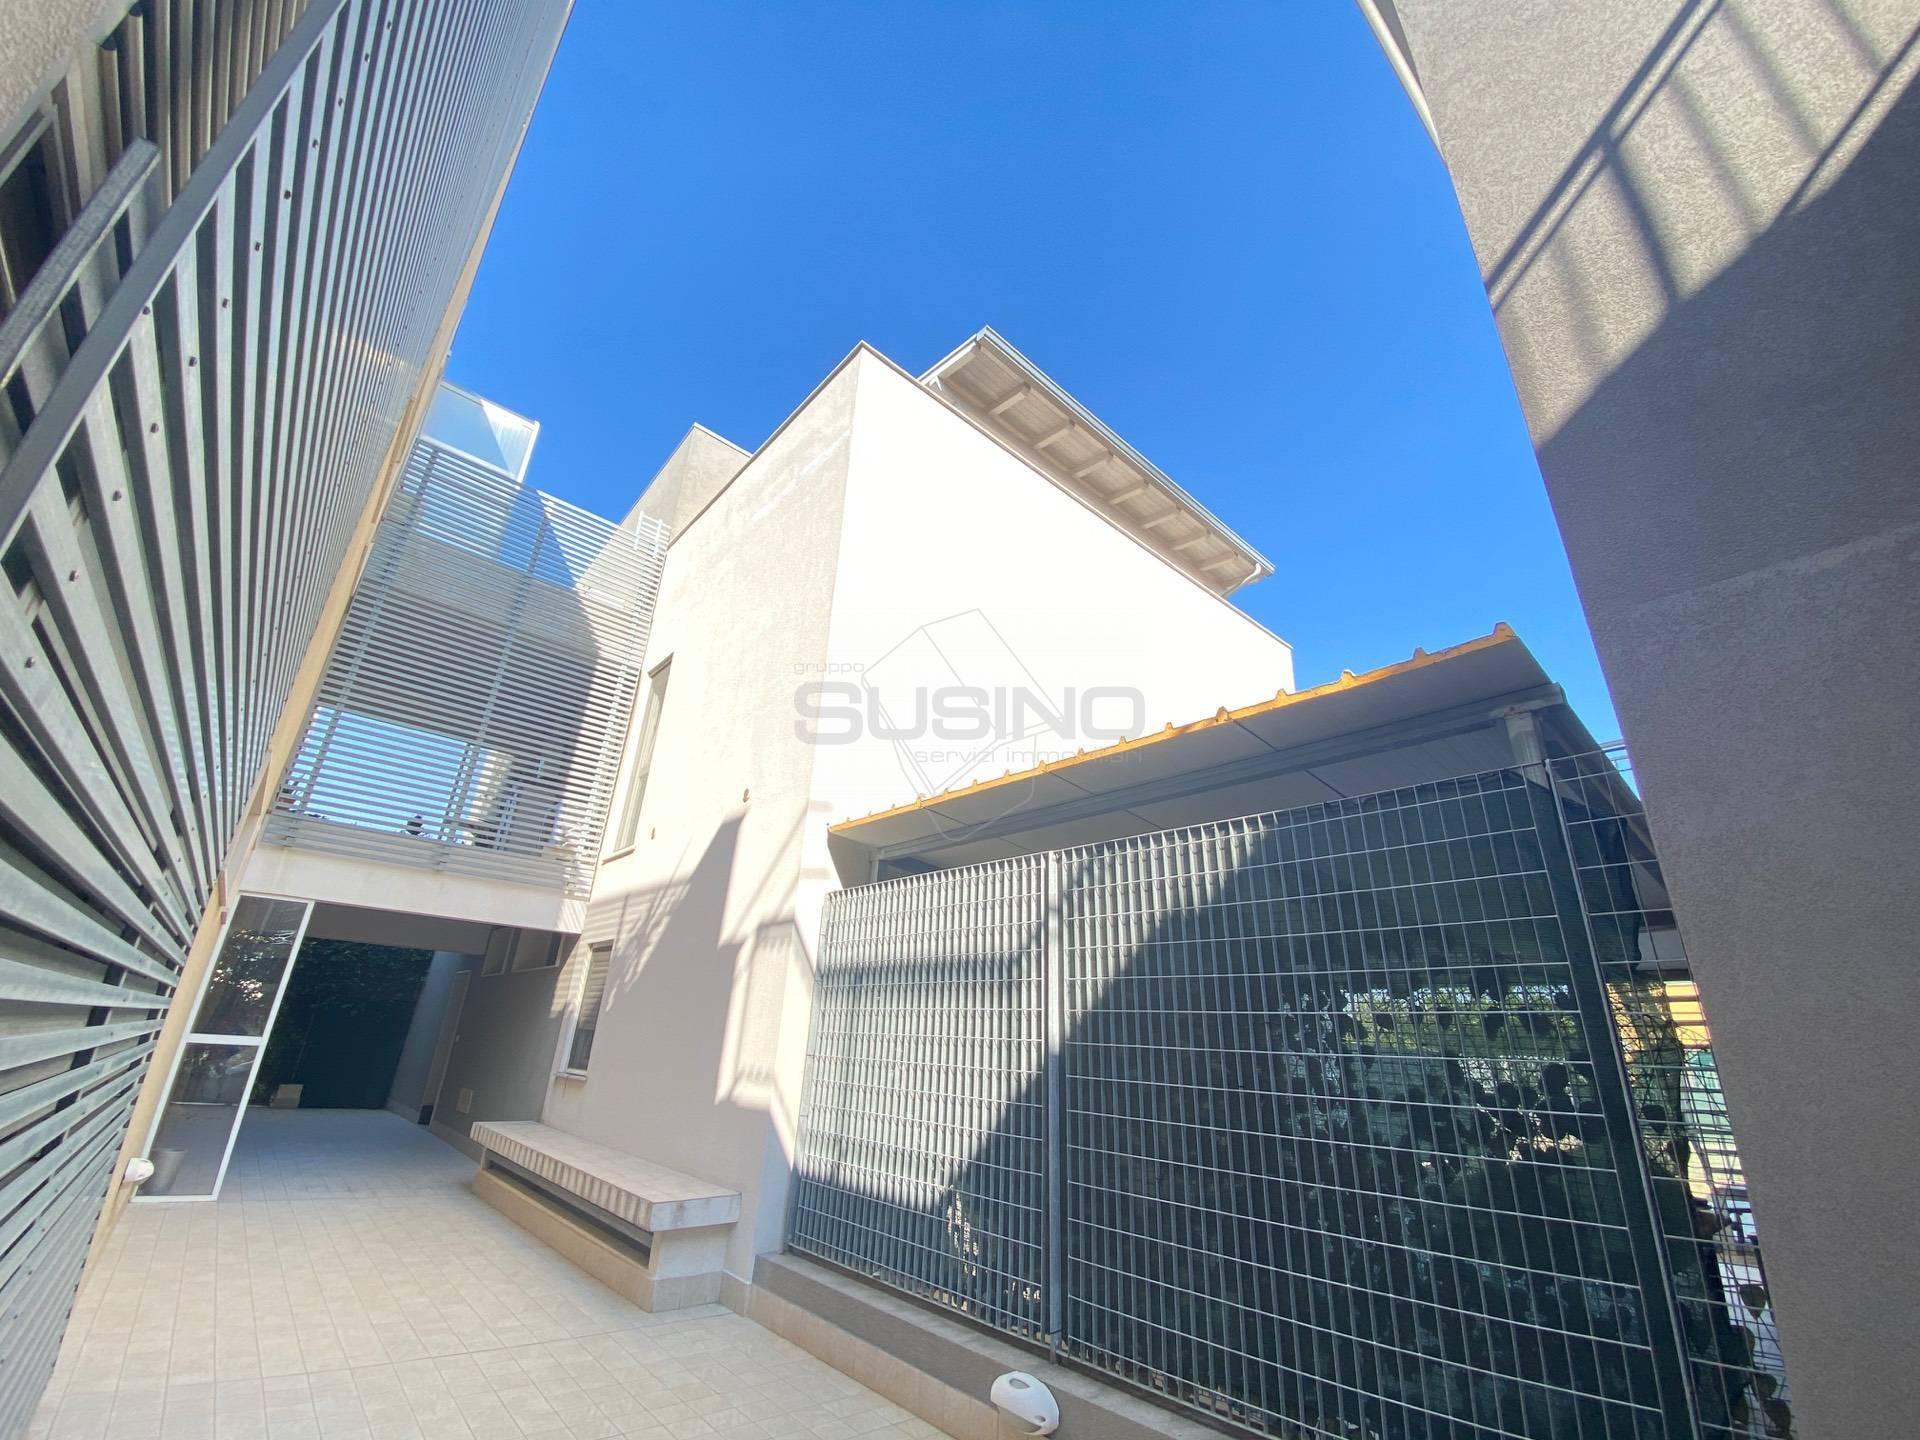 Appartamento in vendita a Melilli, 3 locali, zona Località: Citt?Giardino, prezzo € 78.000 | PortaleAgenzieImmobiliari.it